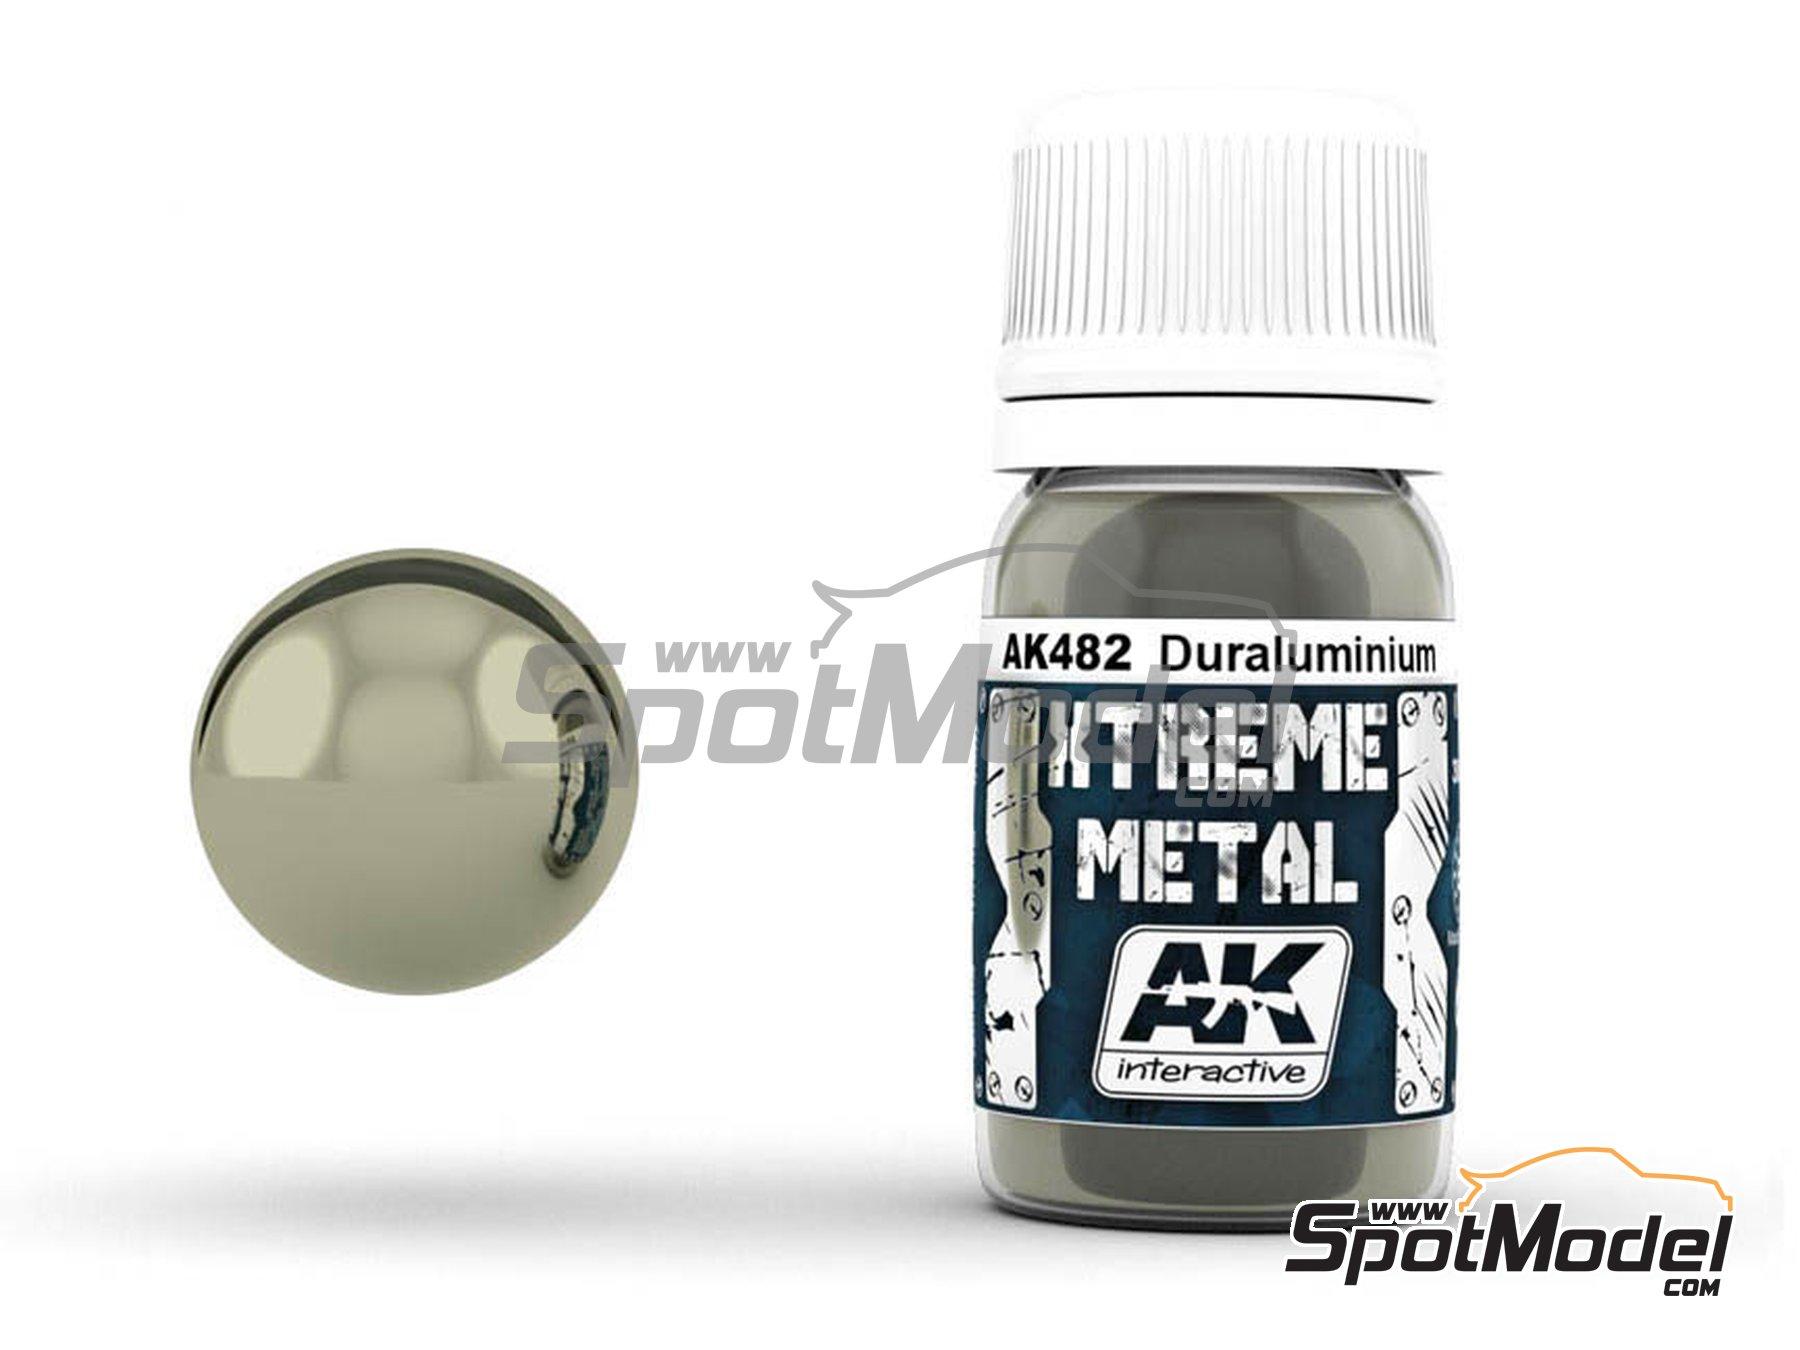 Image 1: Duraluminio | Pintura Xtreme metal fabricado por AK Interactive (ref.AK-482)